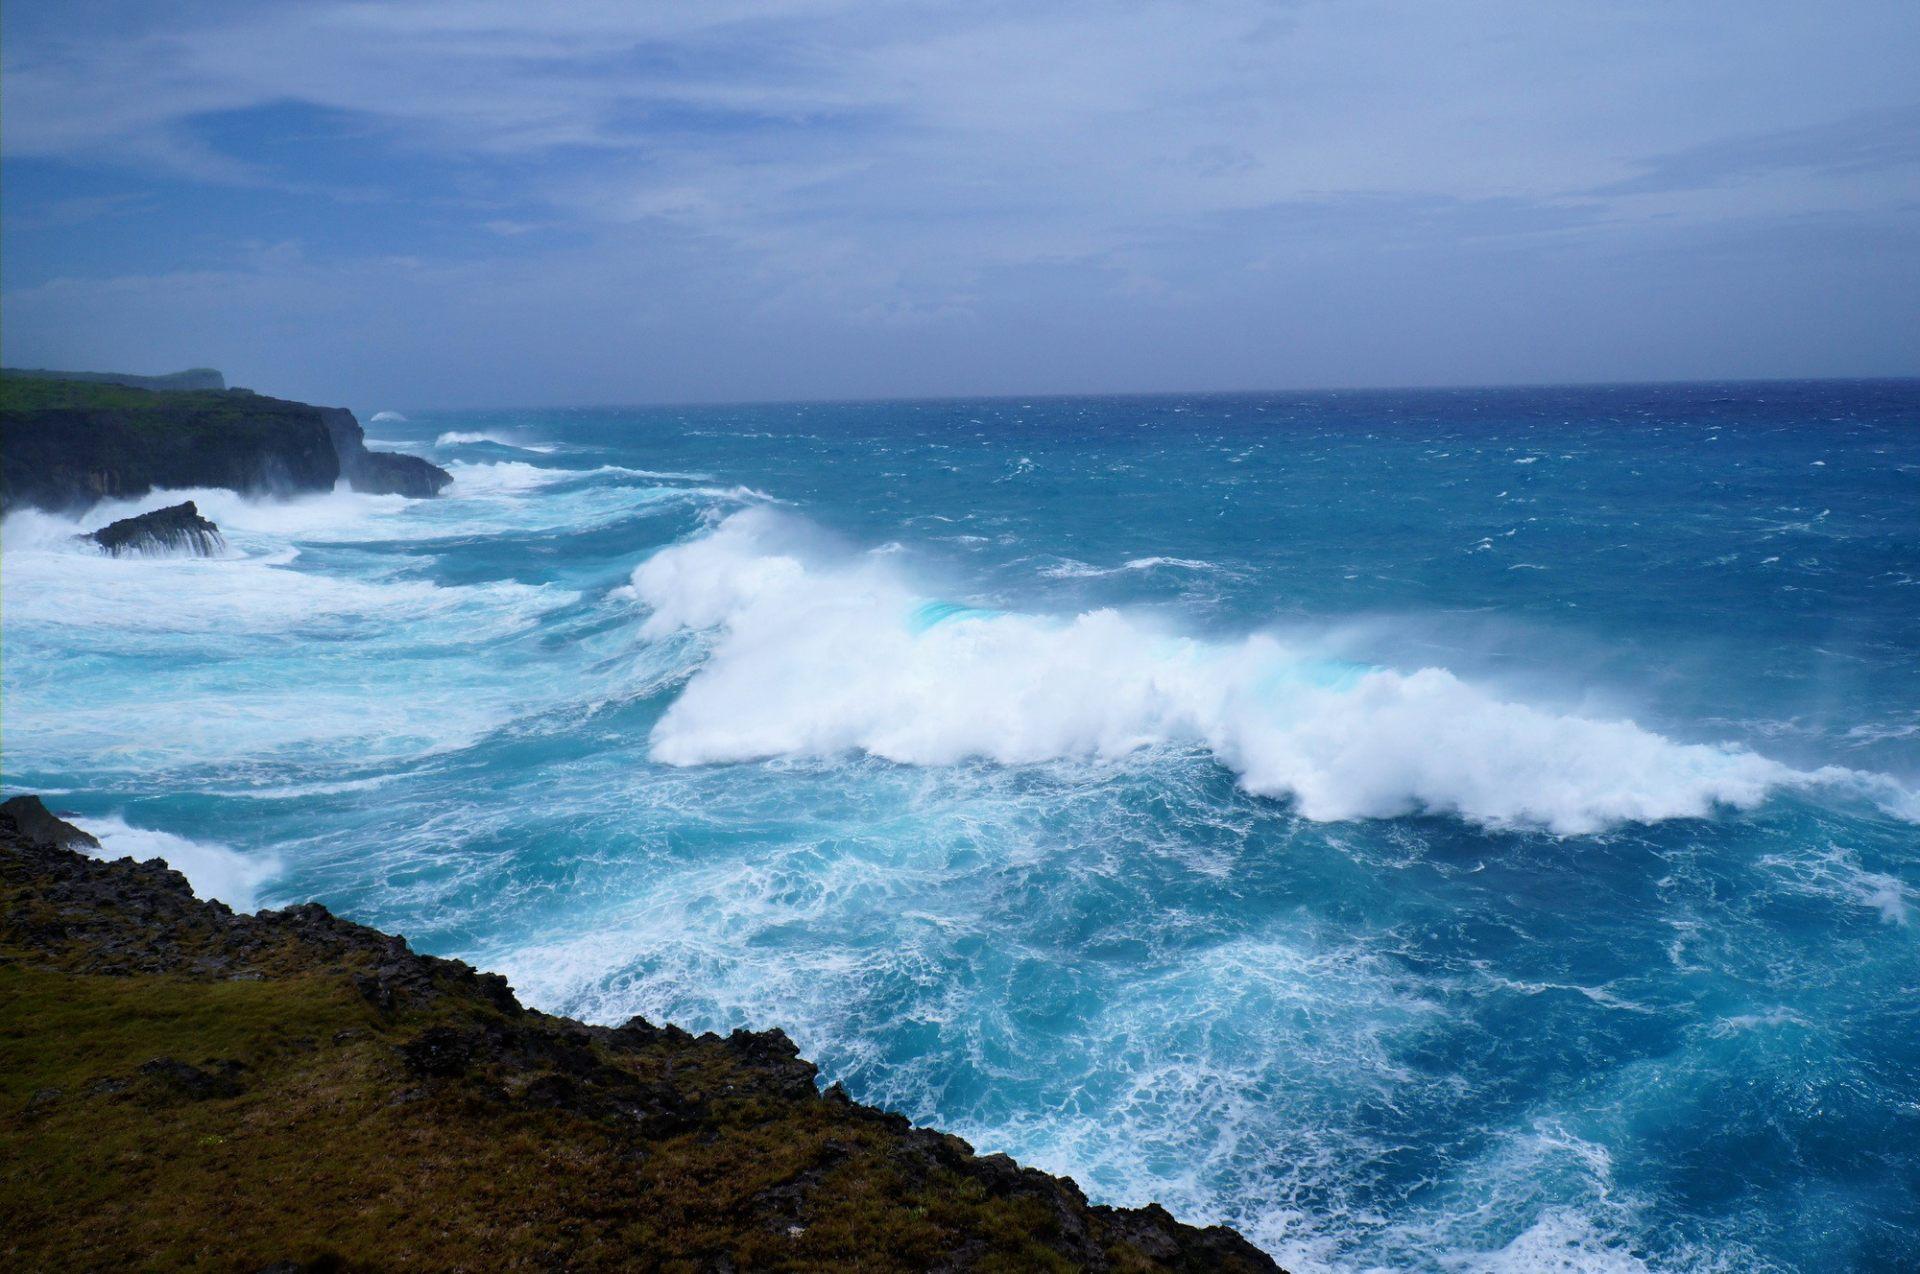 颱風 沖繩縣宮古島 MUIGA斷崖